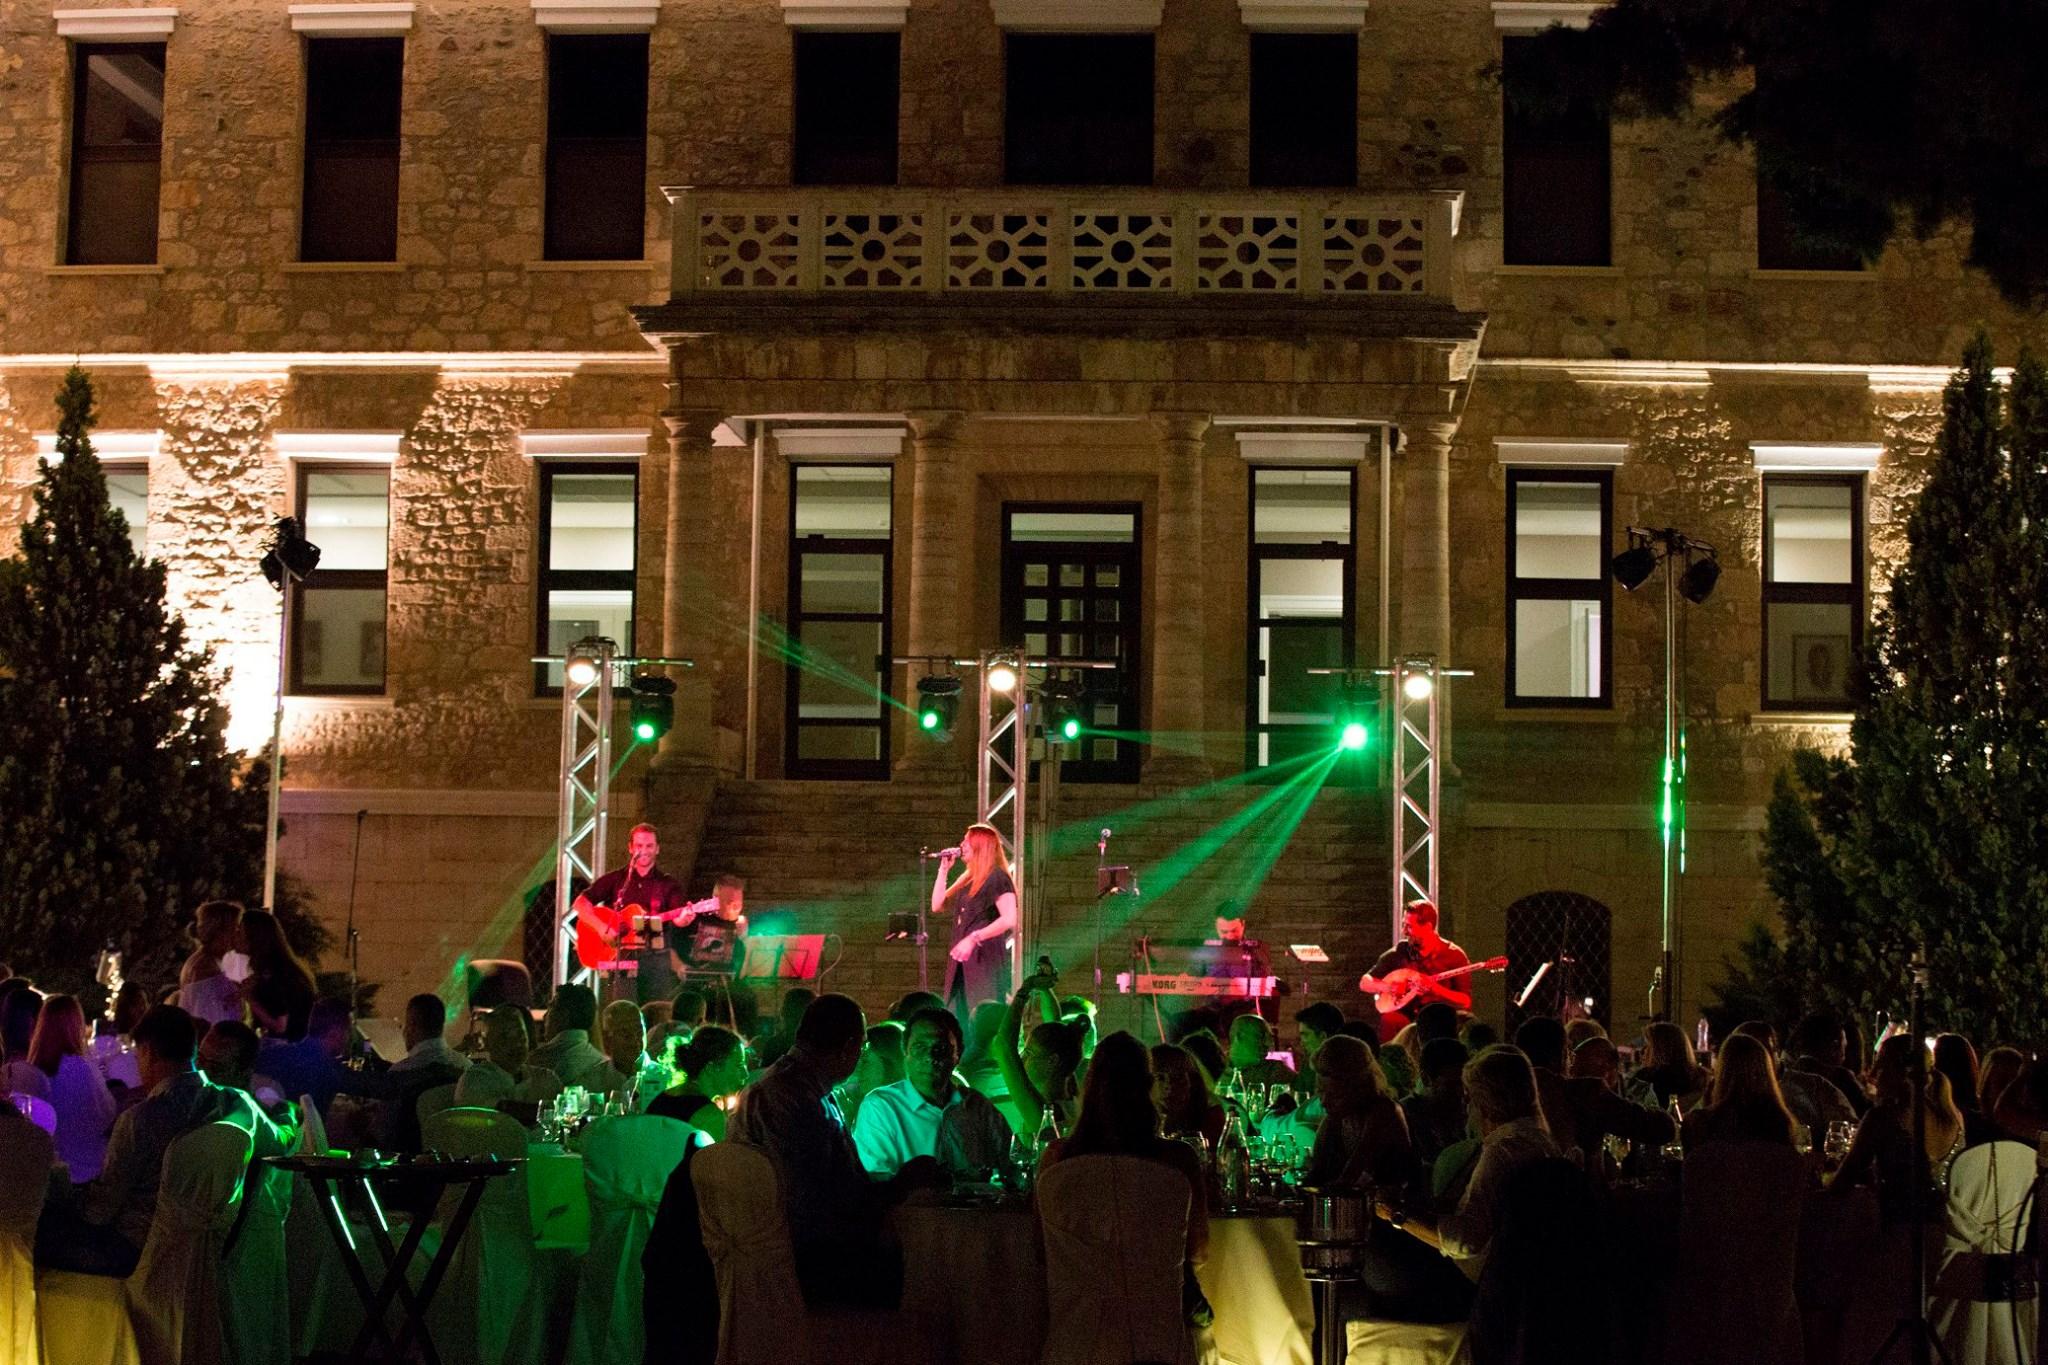 Η Jaguar Land Rover Κουμαντζιάς Α.Ε. στον Χορό κάτω από τα Άστρα της Αμερικάνικης Γεωργικής Σχολής